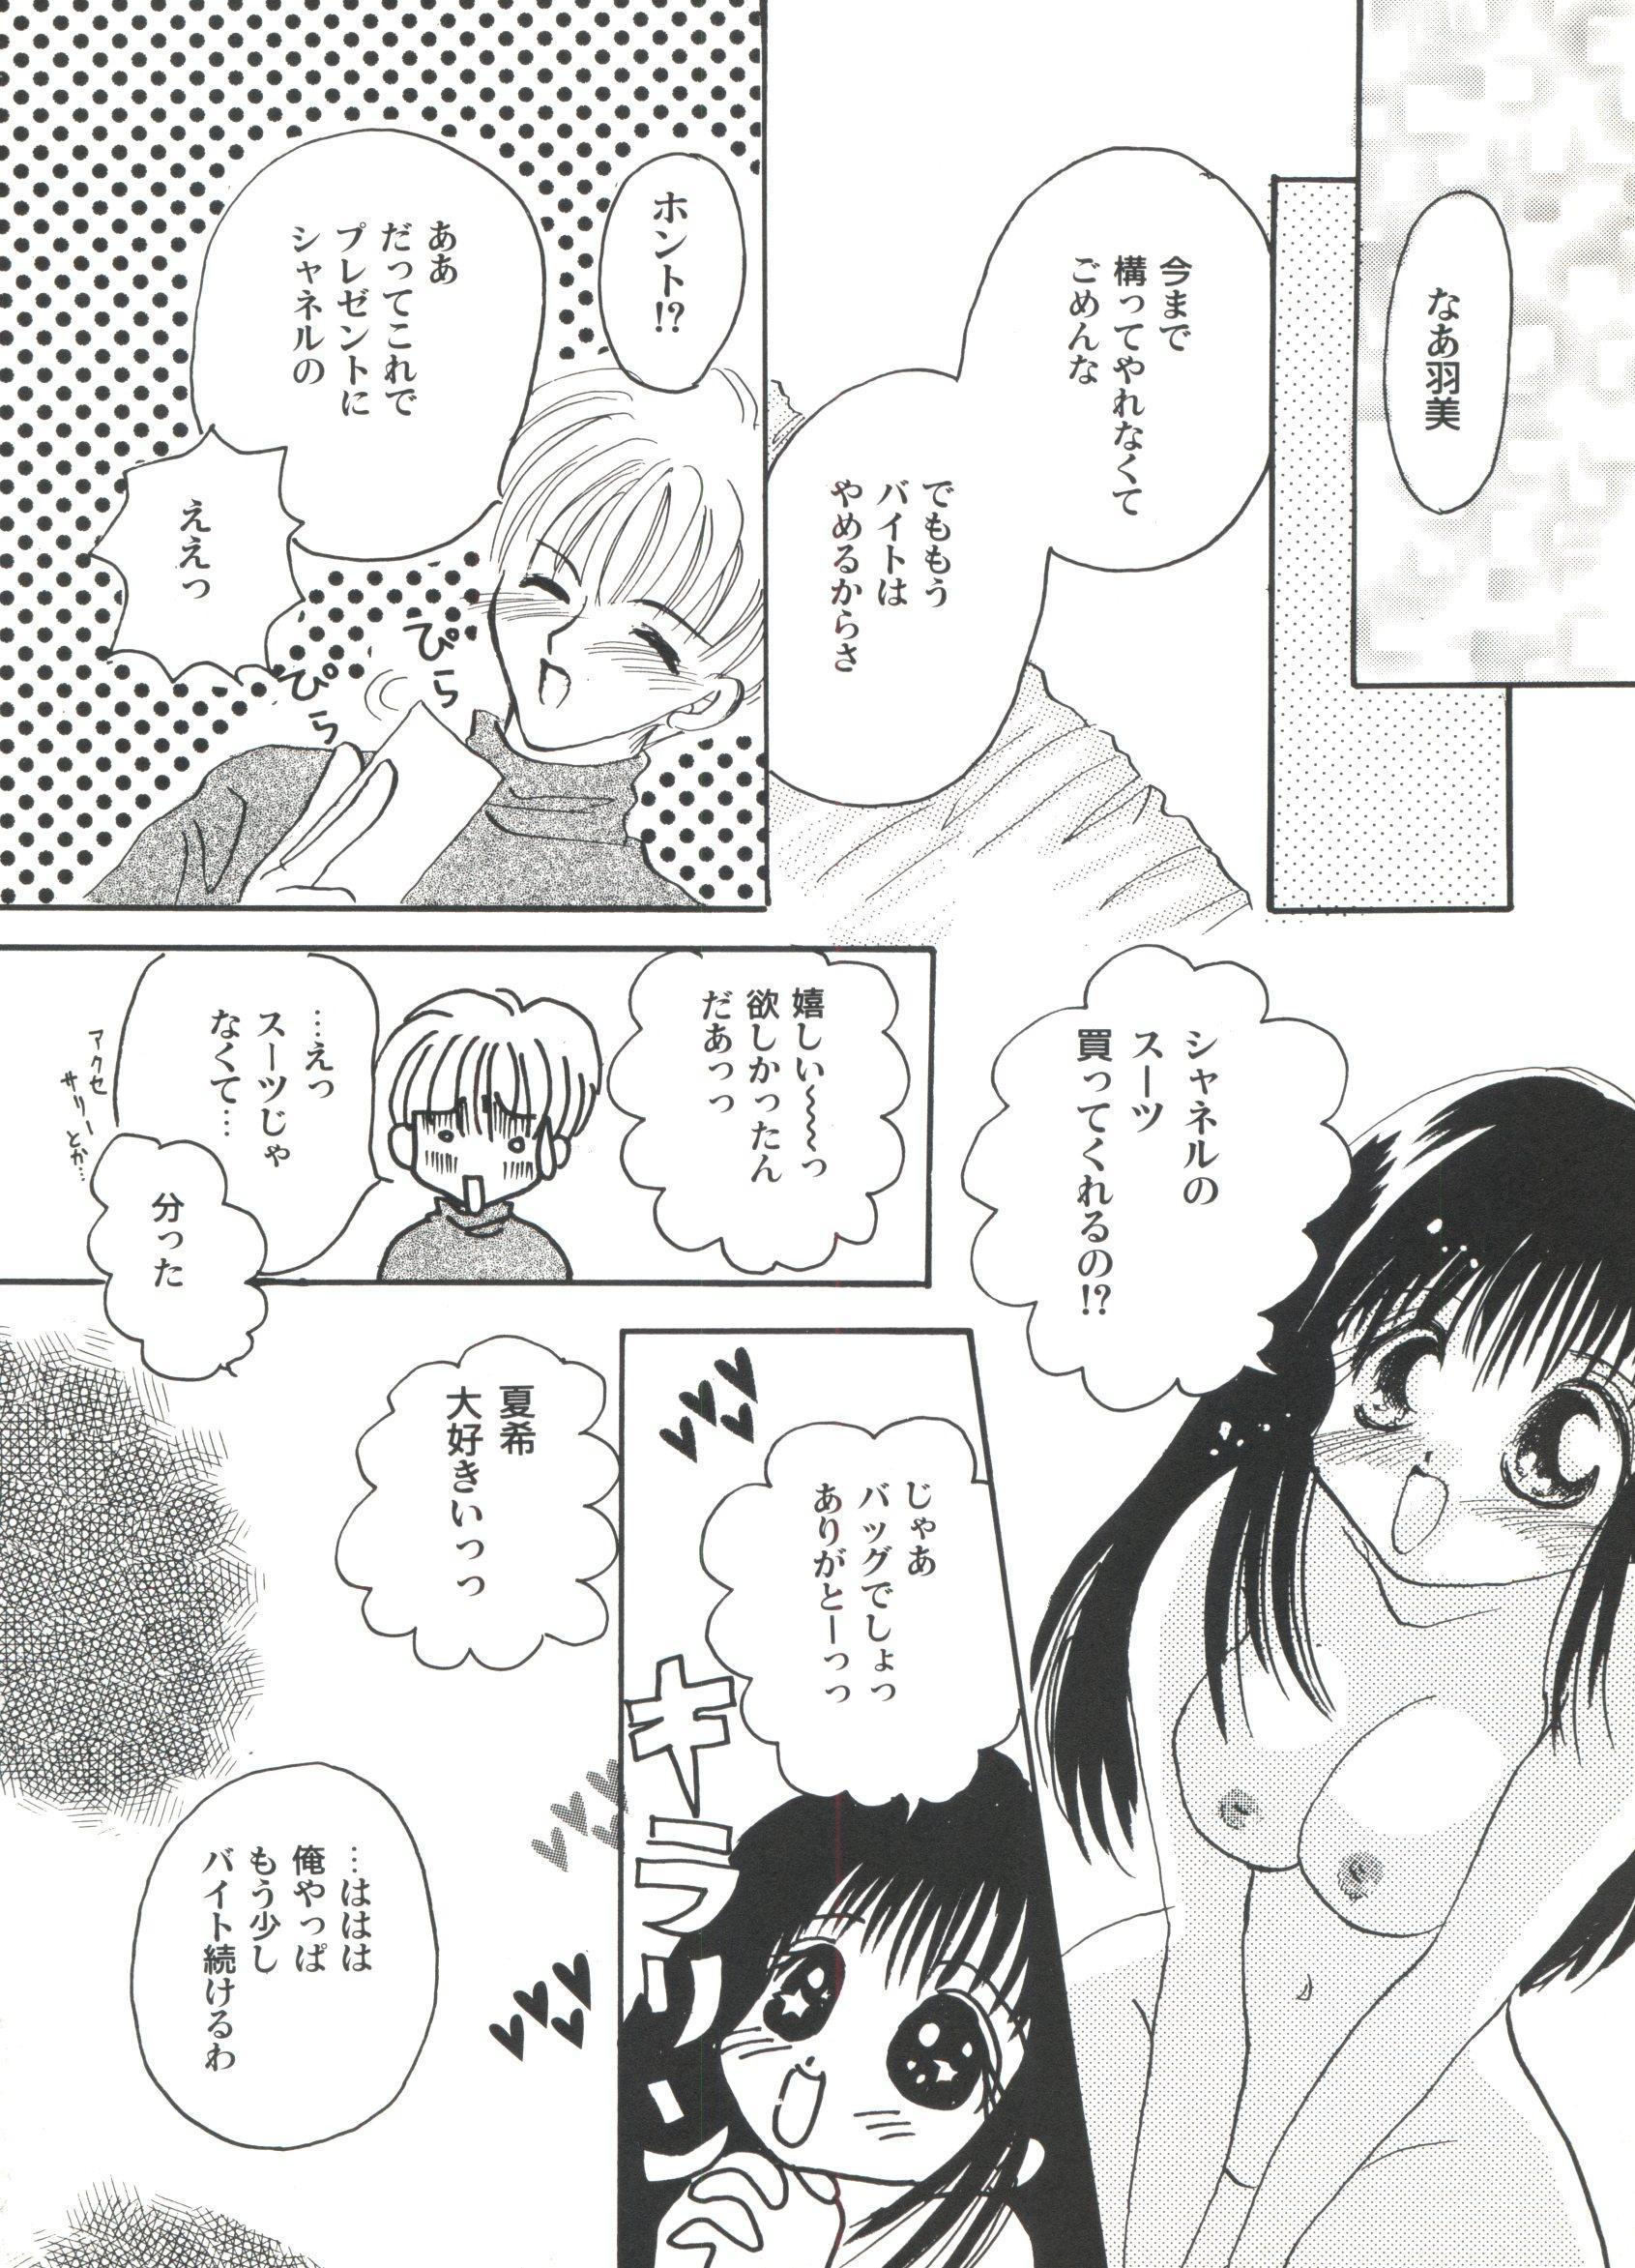 Bishoujo Doujinshi Anthology Cute 5 106